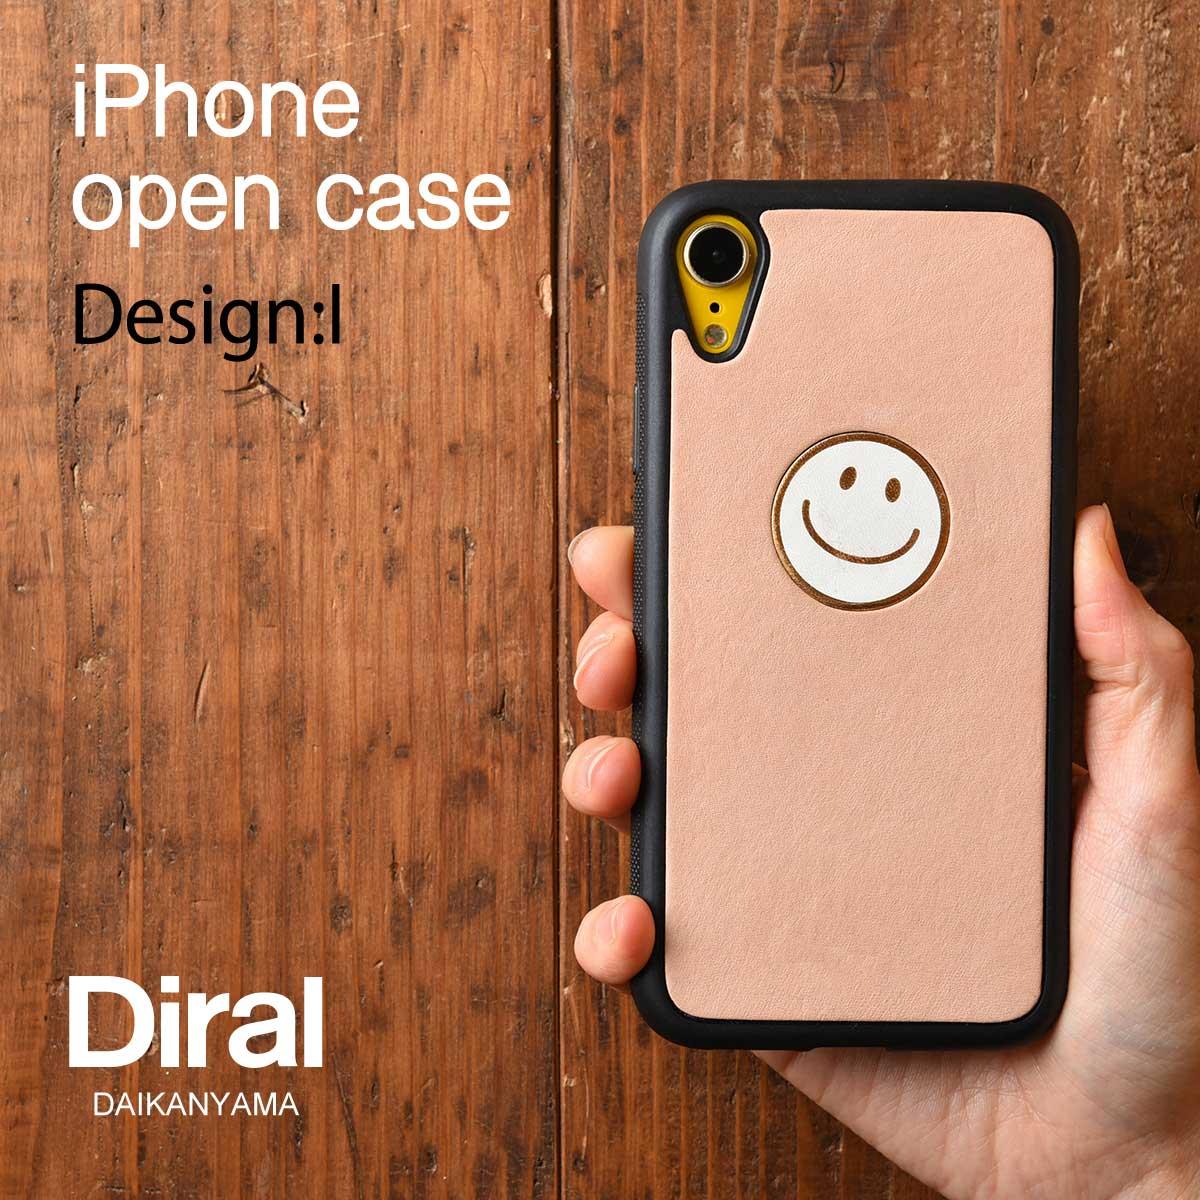 好みのデザインパターンから自由にカスタマイズ 誰ともかぶらない 一つだけのiPhoneケースが作れます 永遠の定番モデル Design I マーク埋込み スマイル中央 オーダー 有名な iPhoneオープンタイプケース 名入れカスタム iPhoneケース